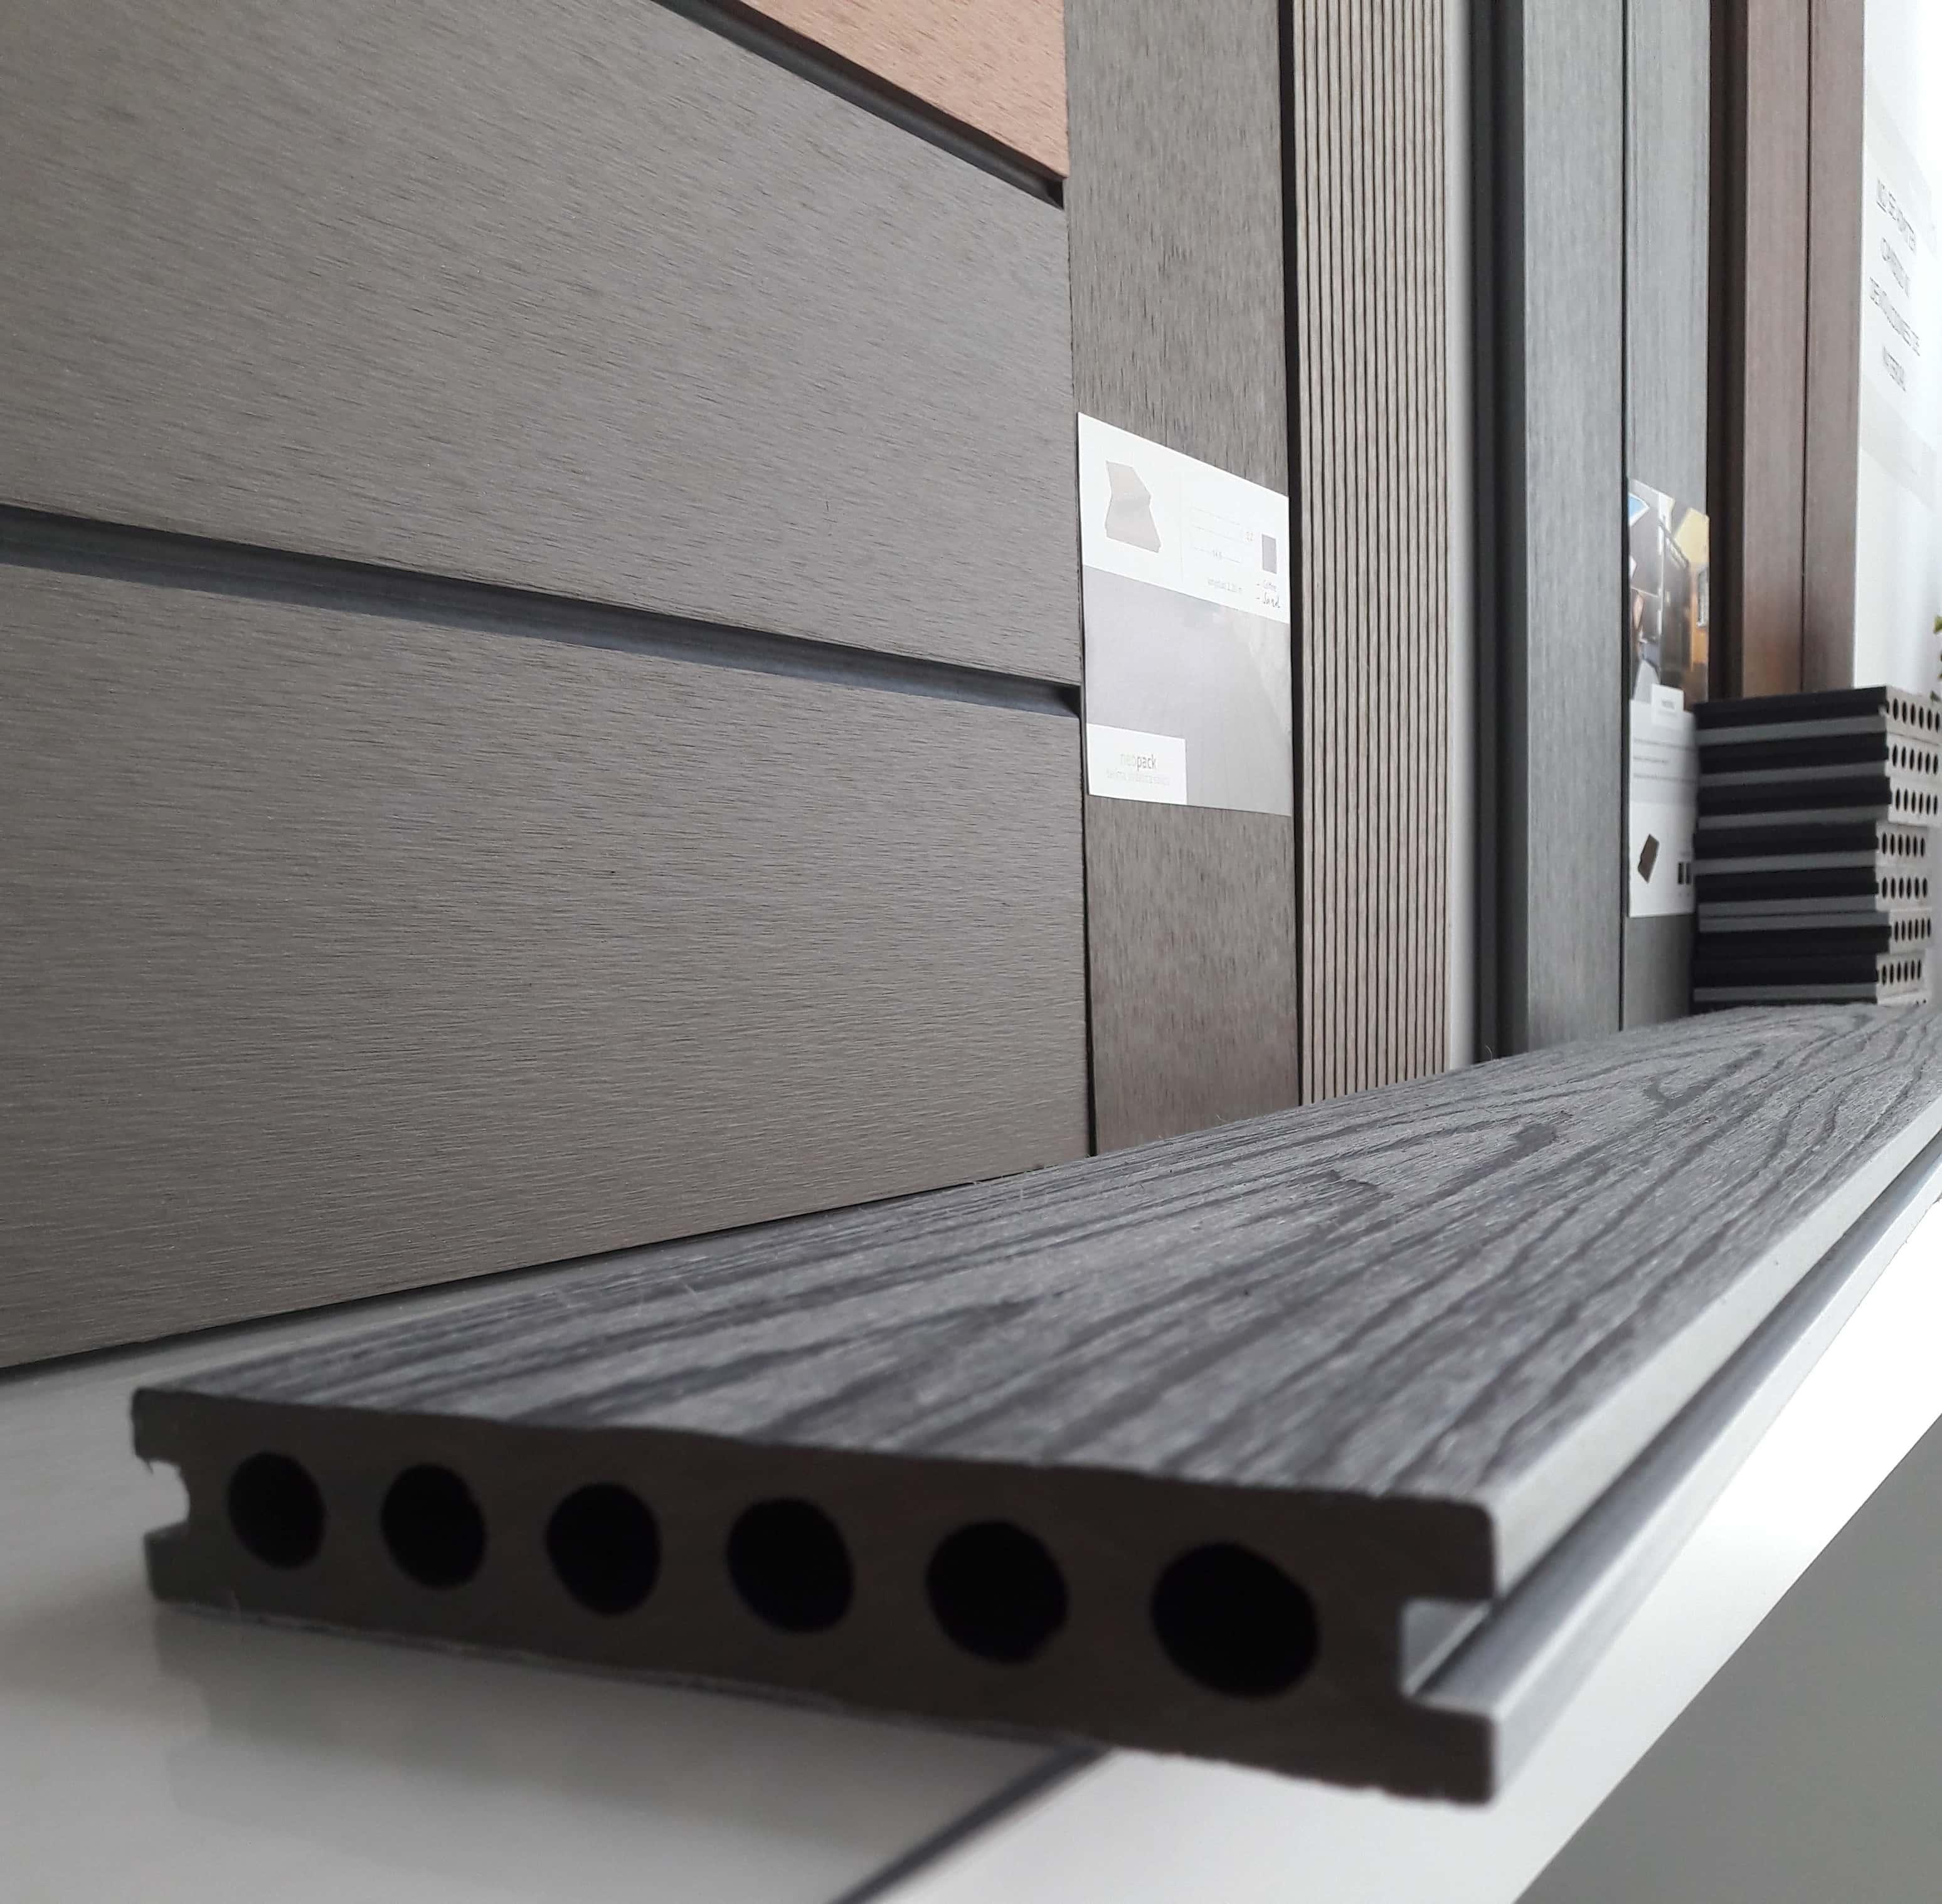 Tarima madera sintetica conoce de que est n compuestas - Suelo de madera para jardin ...